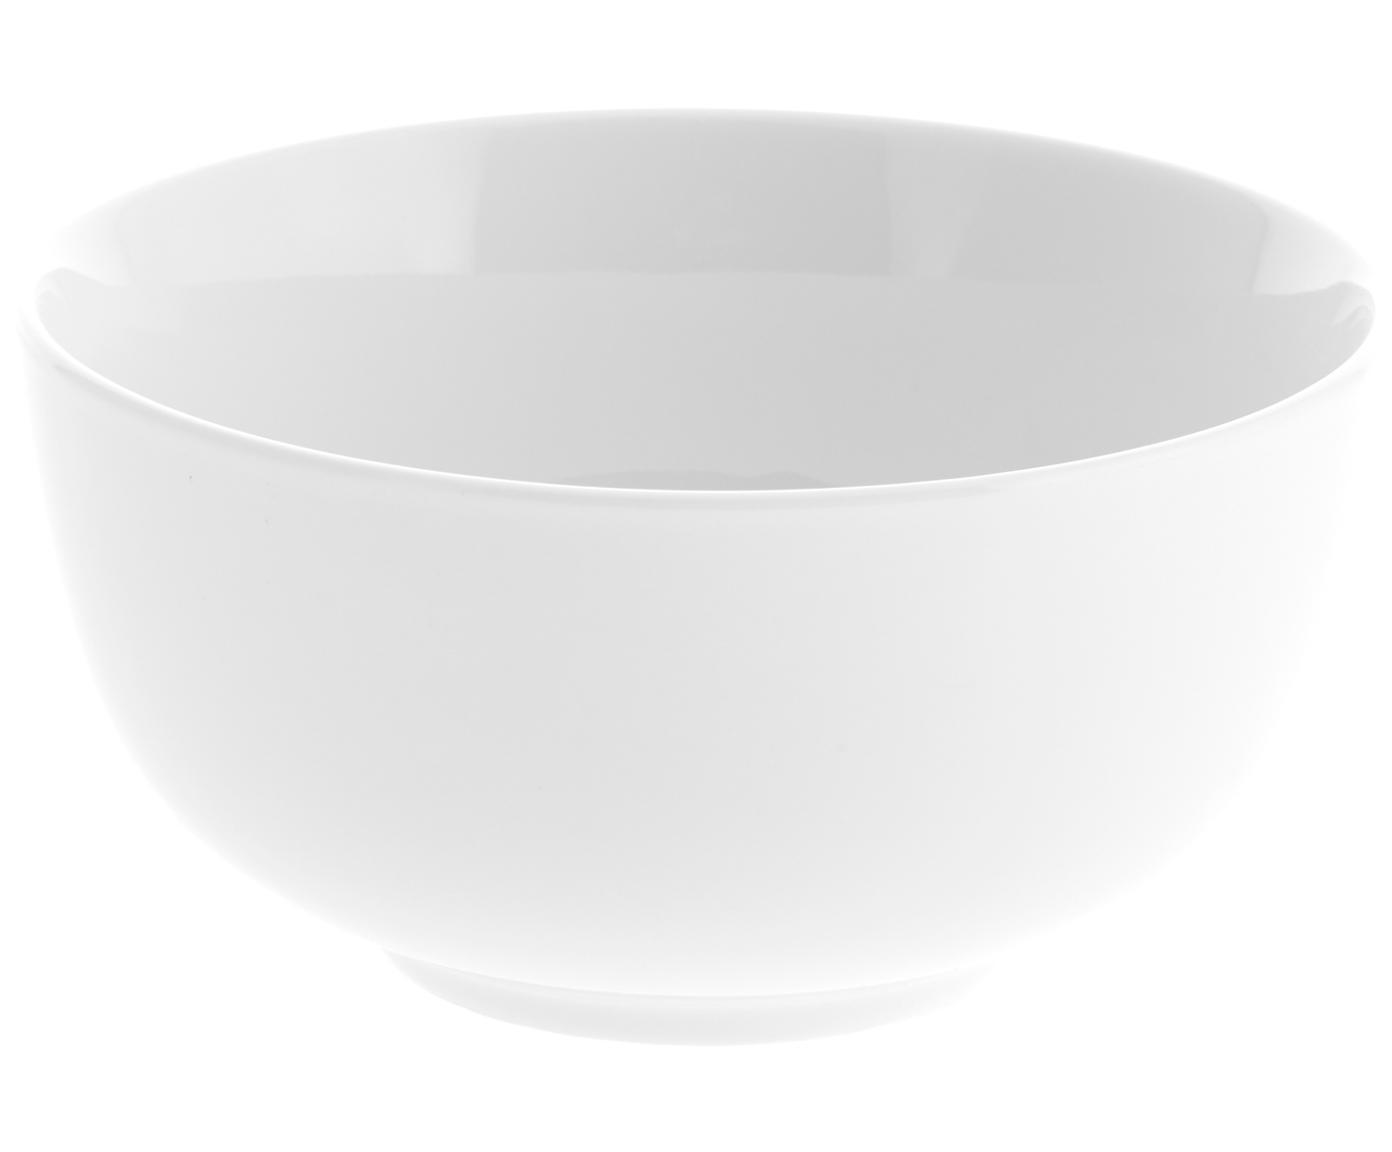 Schälchen Delight, 2 Stück, Porzellan, Weiss, Ø 14 x H 7 cm